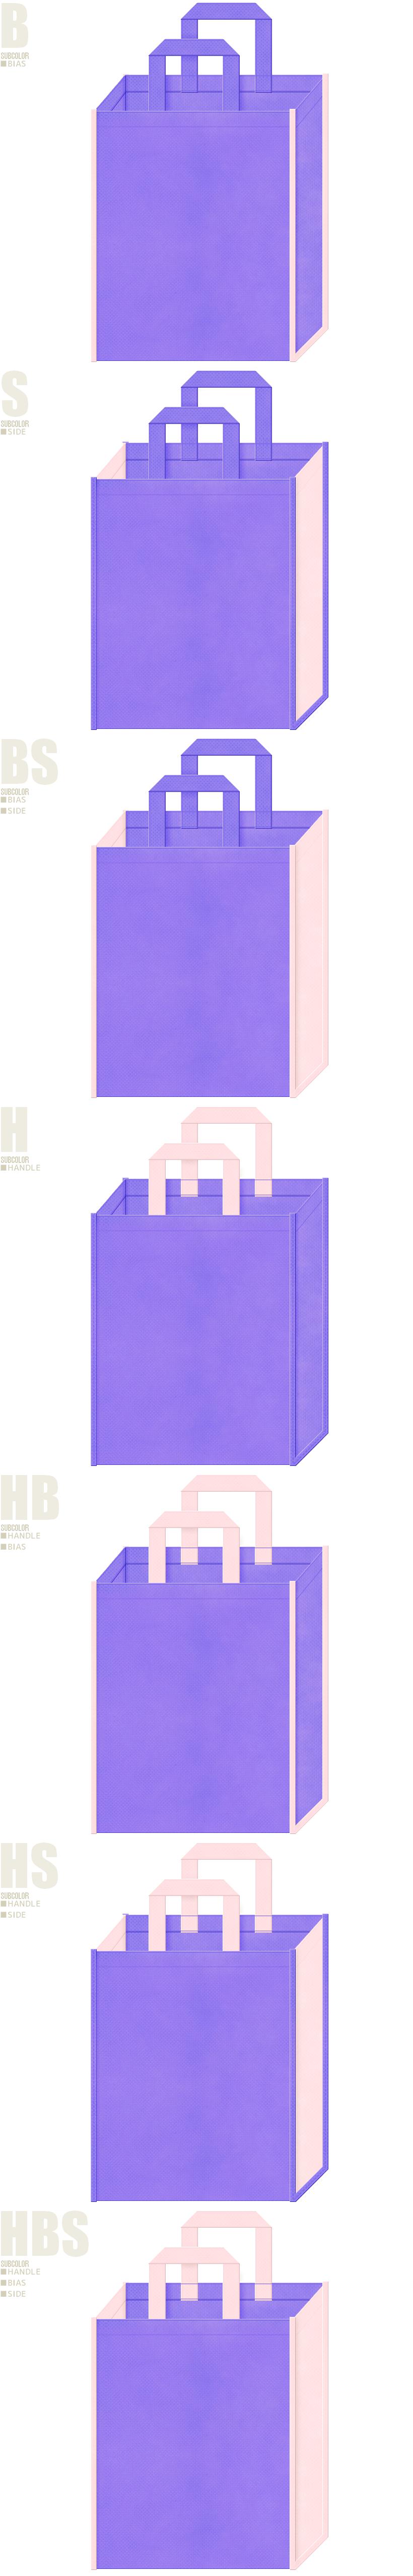 パステルカラー・優しさ・絵本・おとぎ話・医療施設・福祉施設・保育施設・介護施設にお奨めの不織布バッグデザイン:薄紫色と桜色の配色7パターン